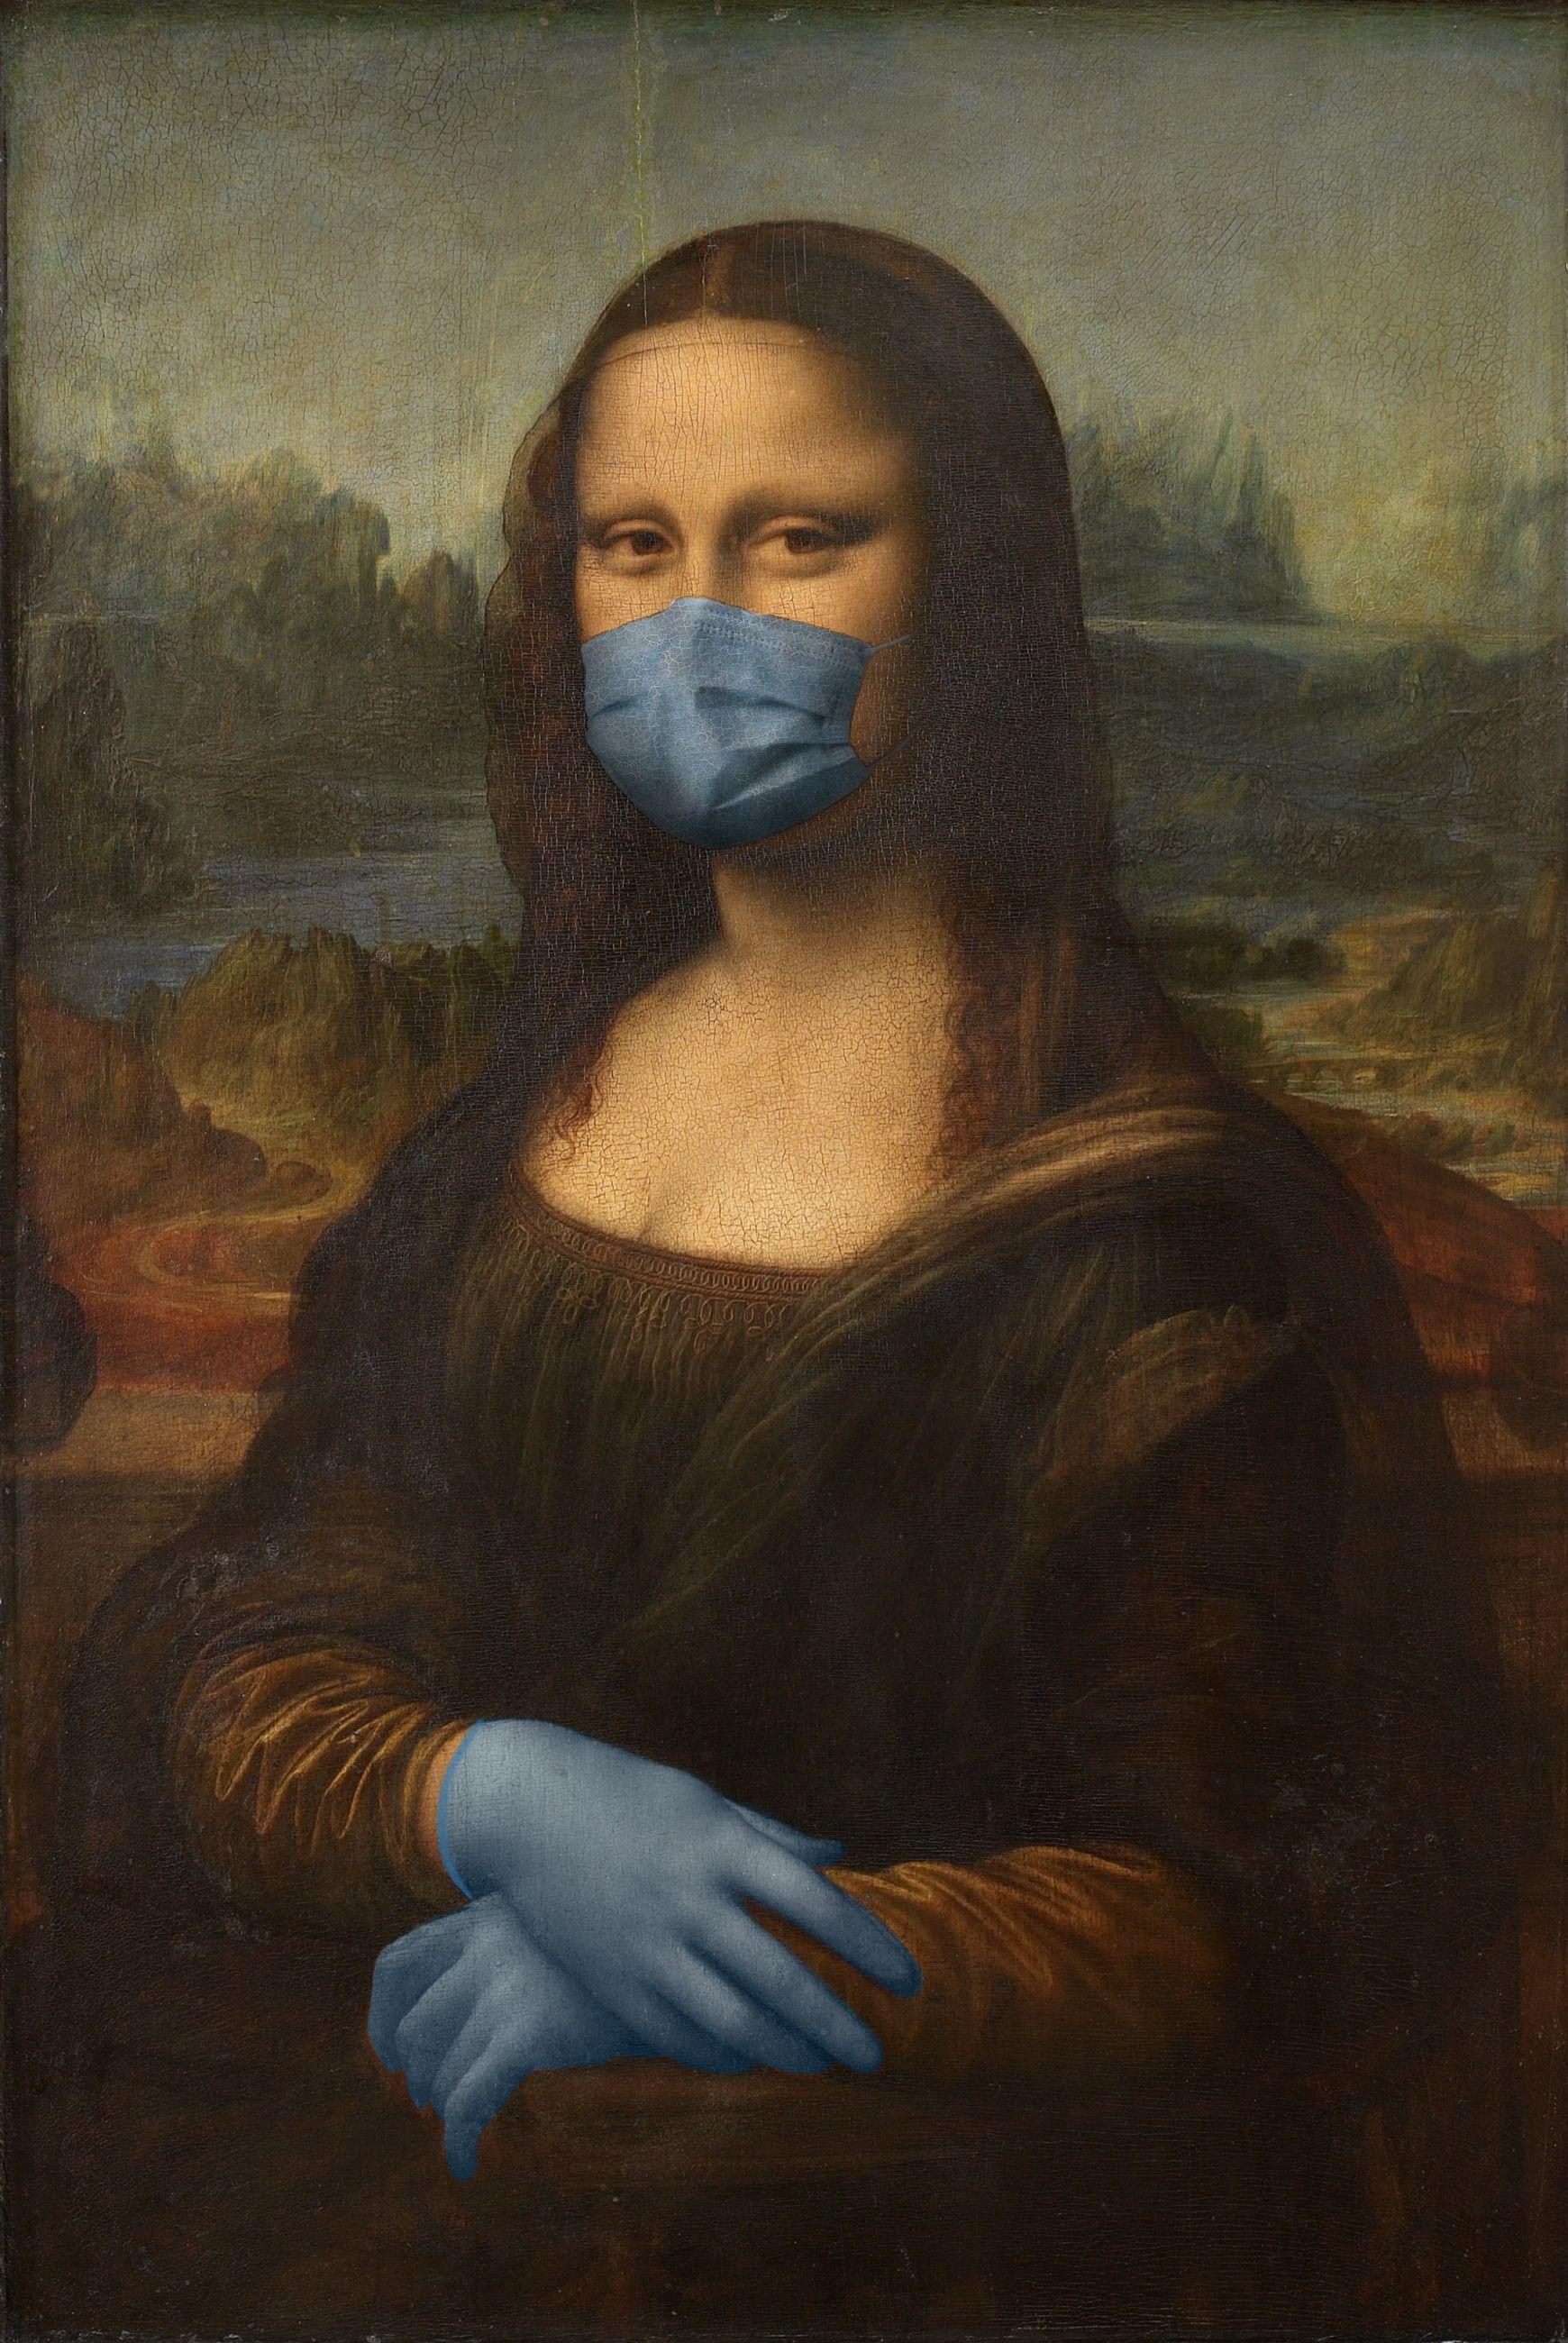 Mona Lisa / Leonardo da Vinci/POA Estudio